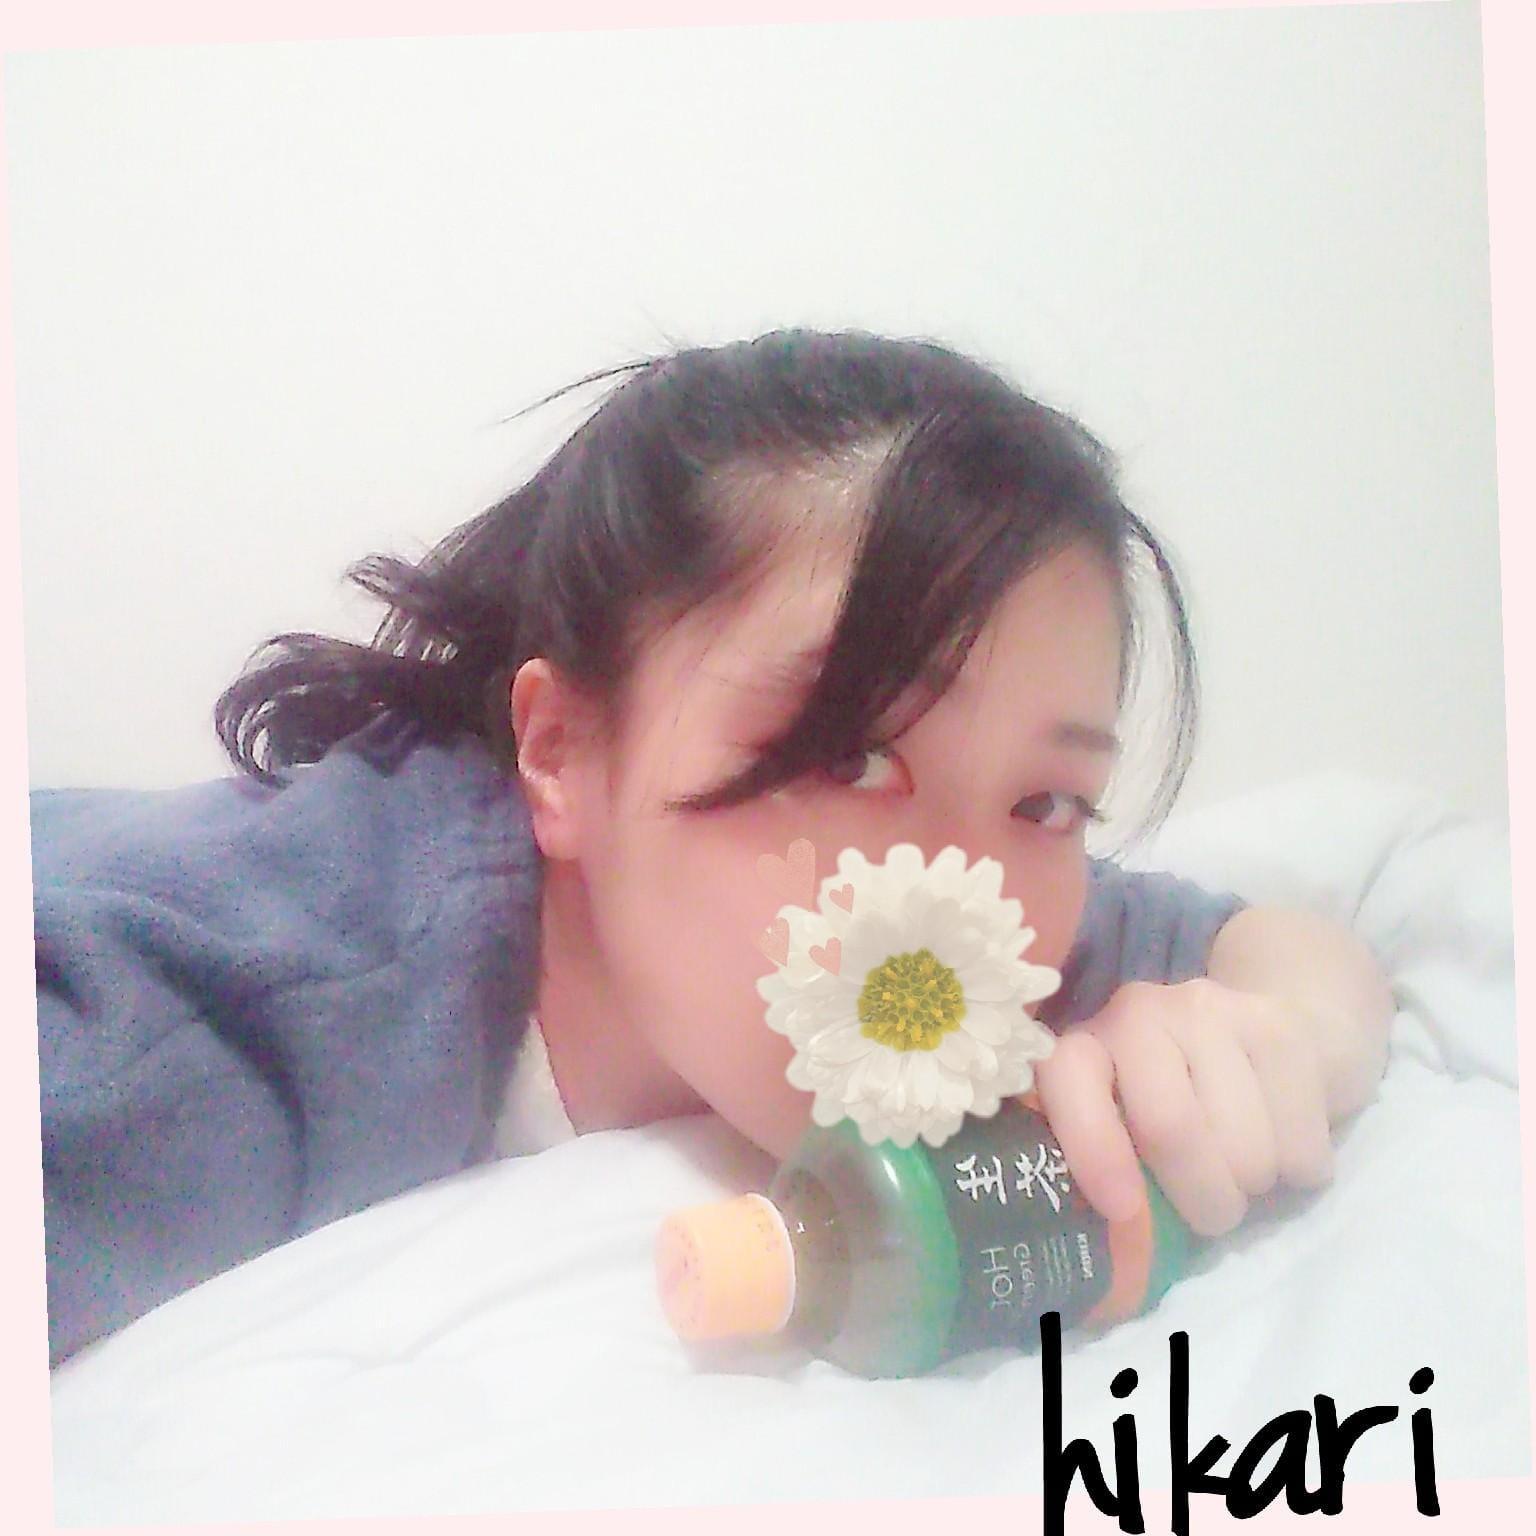 「お礼♡hくんへ」10/23(火) 00:10 | ひかりの写メ・風俗動画